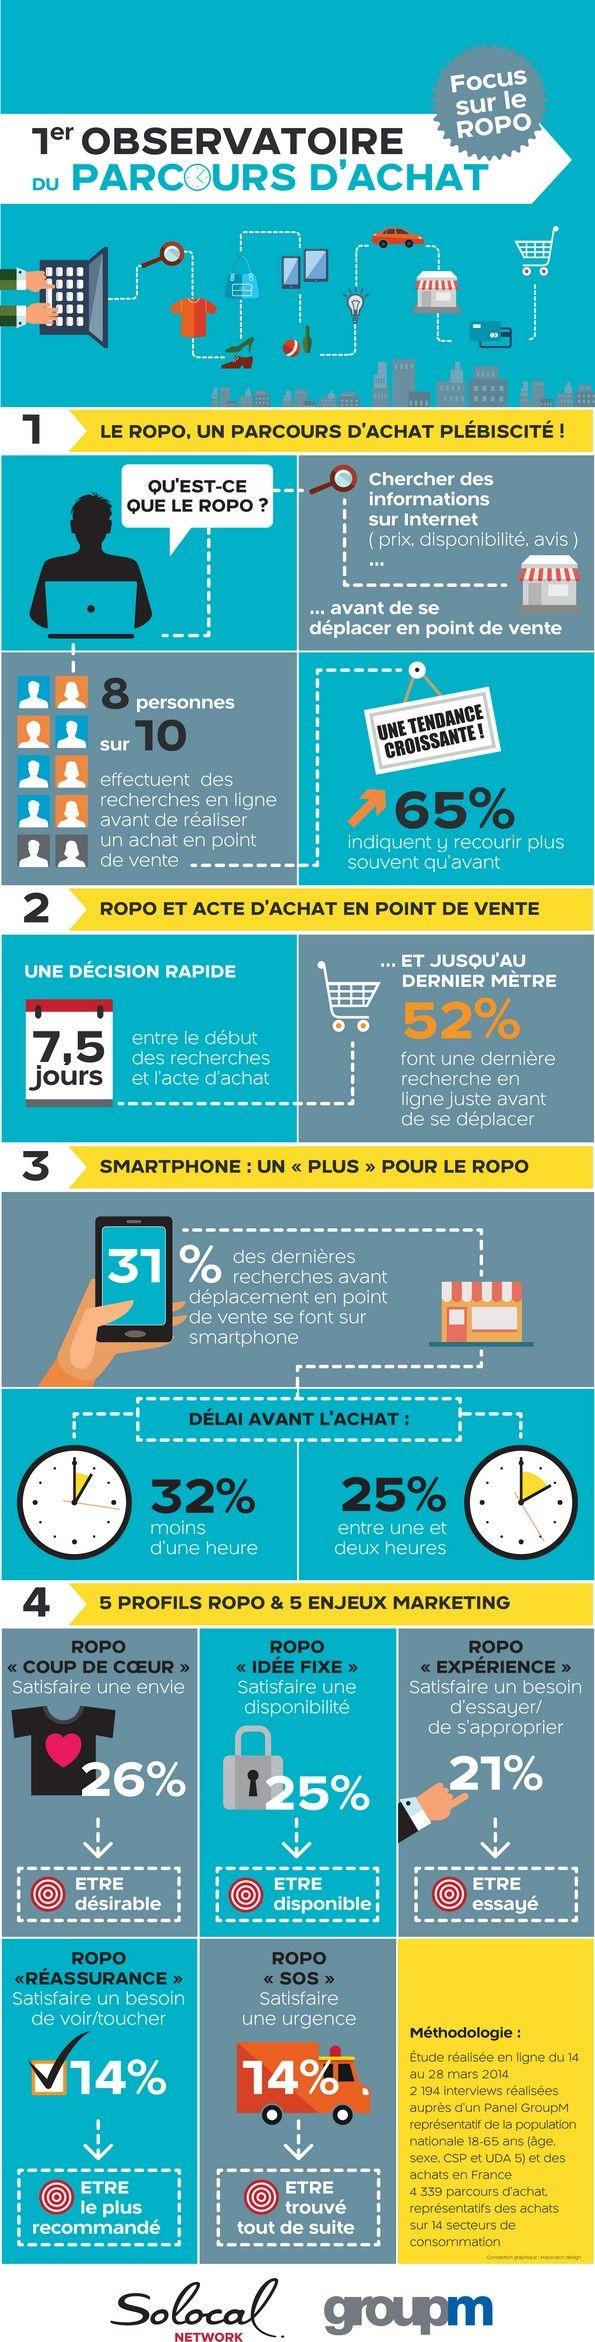 Le #ROPO dans le parcours d'achat #ecommerce